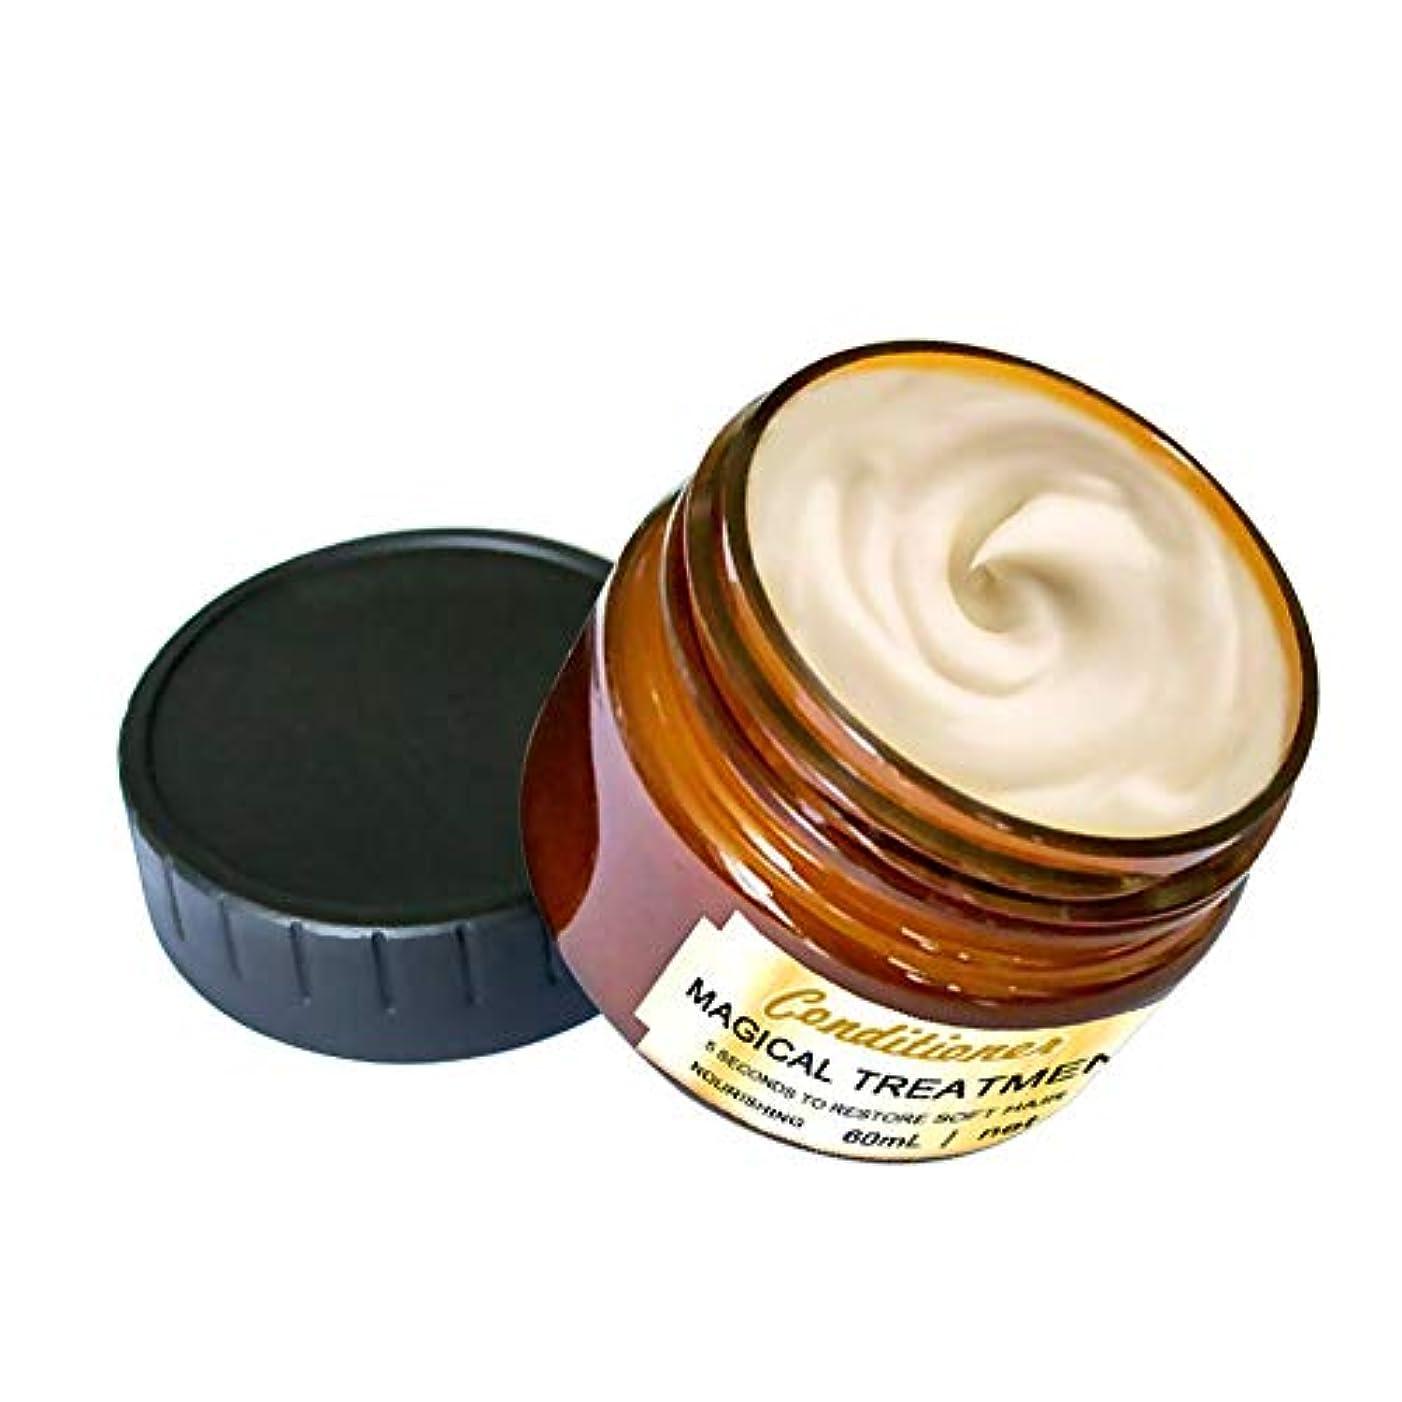 問題見落とすコンディショナー ヘアケアコンディショナー ヘアデトキシファイングヘアマスク 高度な分子 毛根治療の回復 乾燥または損傷した髪と頭皮の治療のための髪の滑らかなしなやか (A 60 ml)